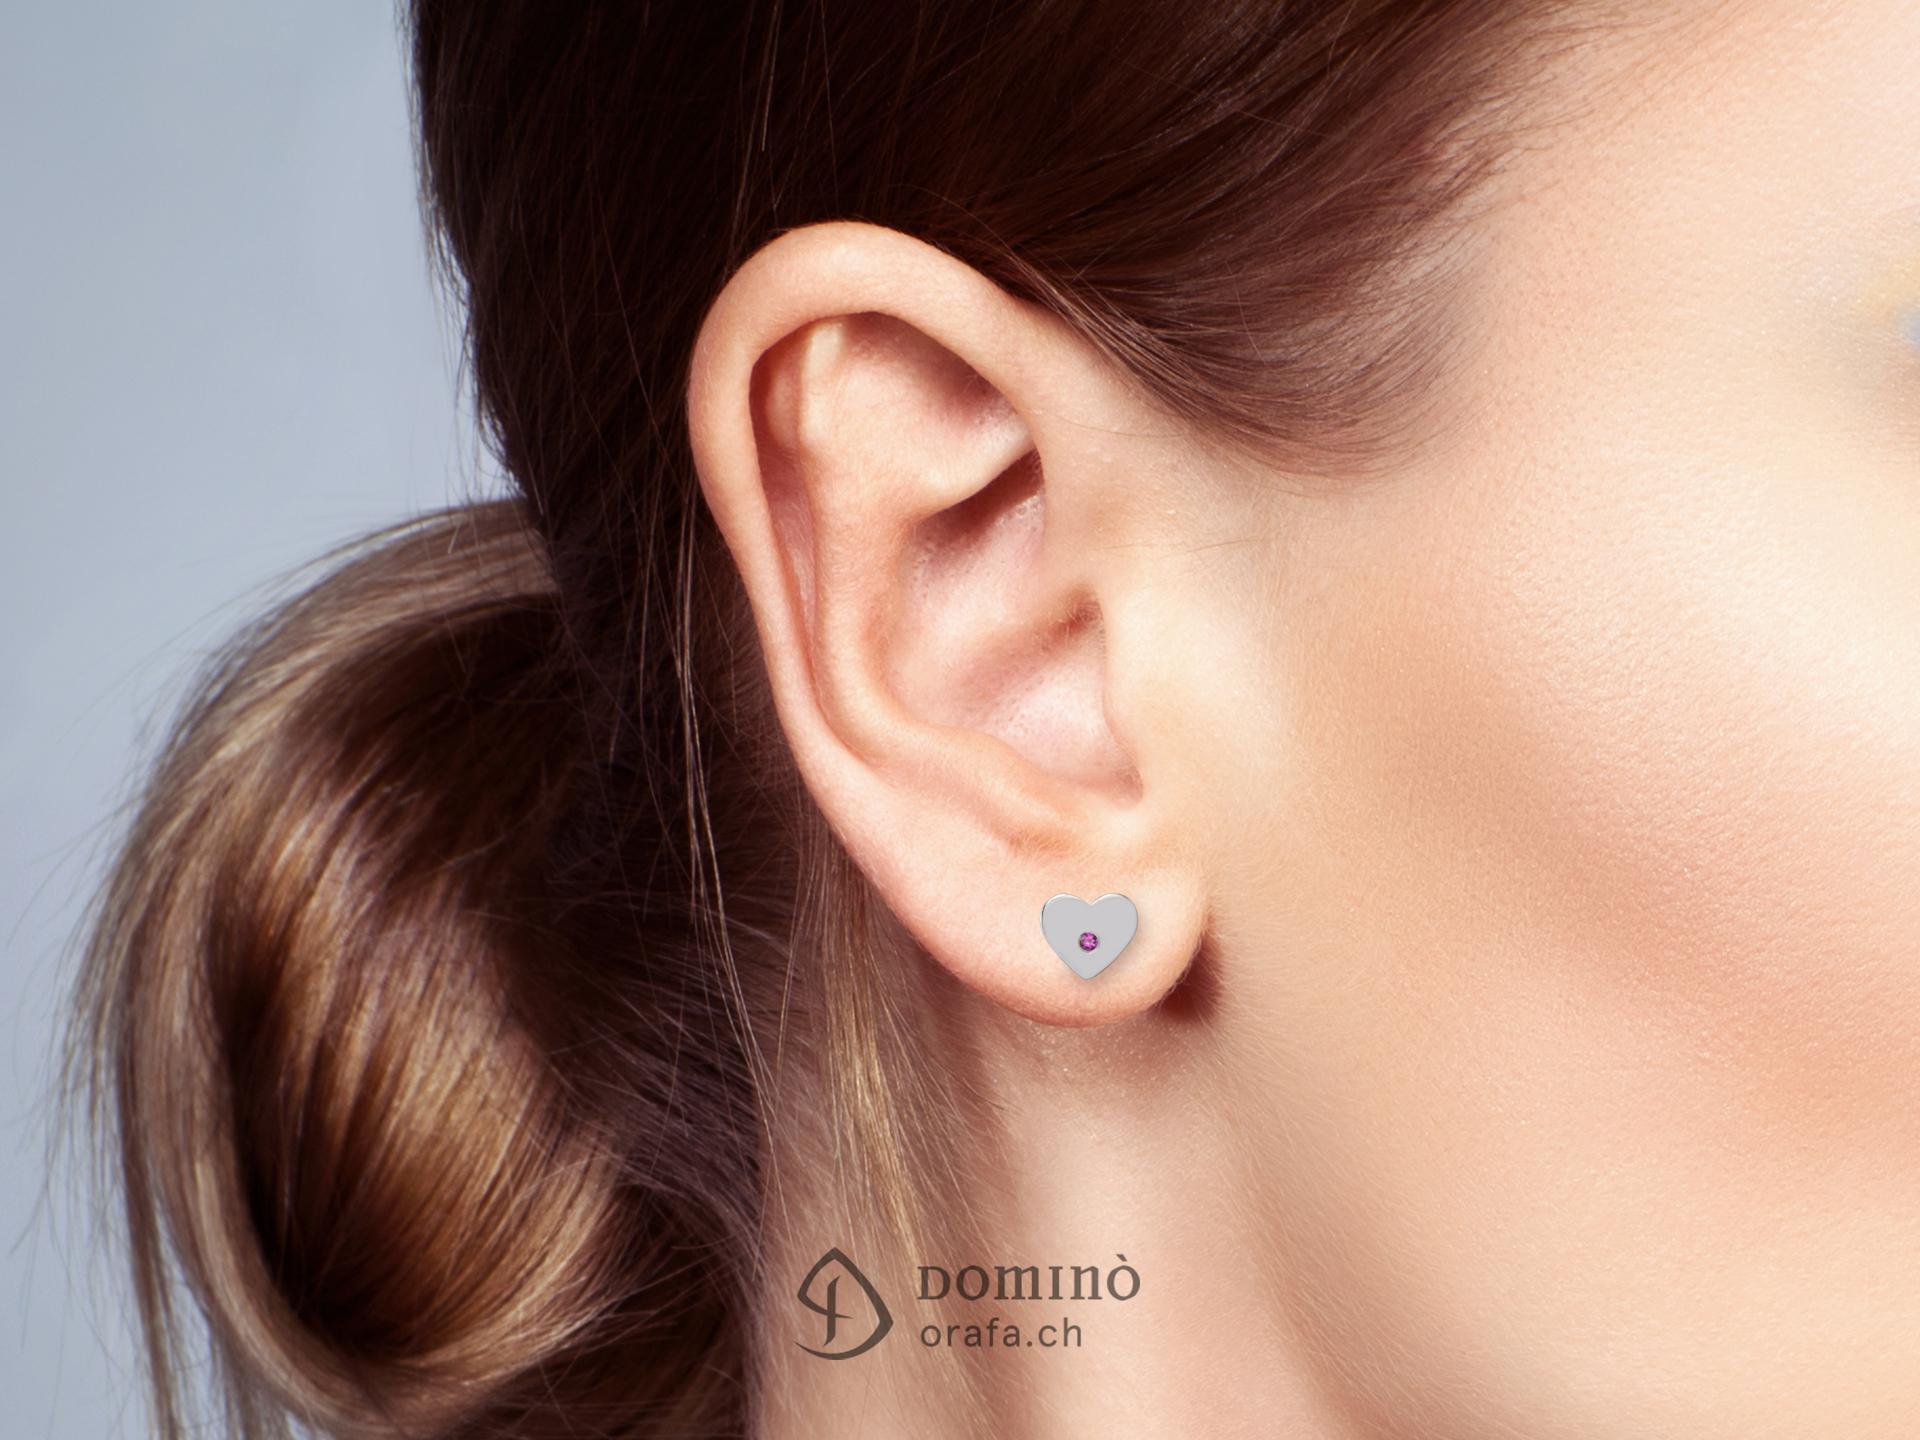 orecchini-cuori-piccoli-lucidi-zaffiri-rosa-1